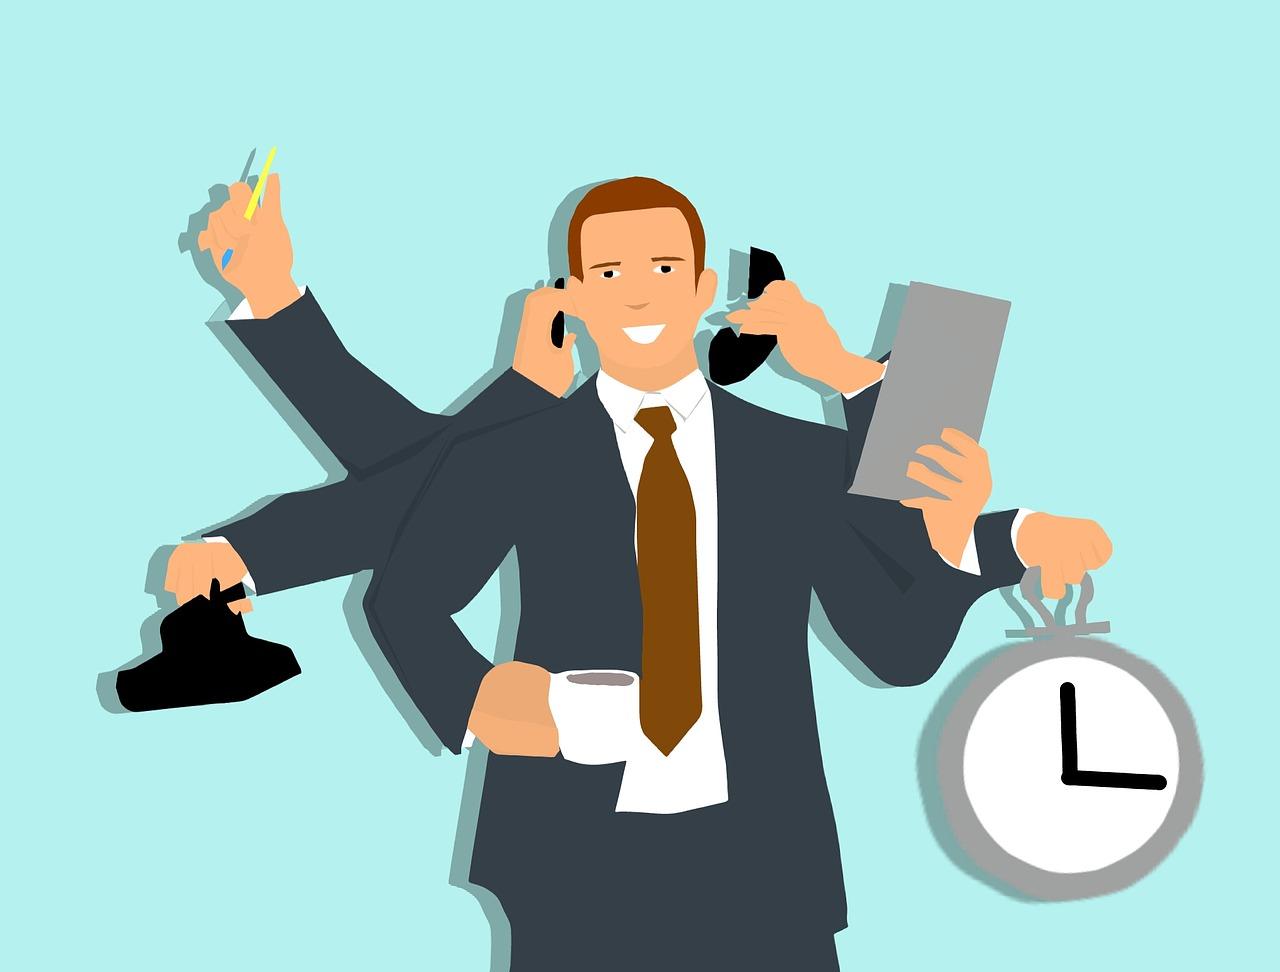 記事:働き方関連法案成立、高度プロフェッショナル制度とは?のイメージ画像